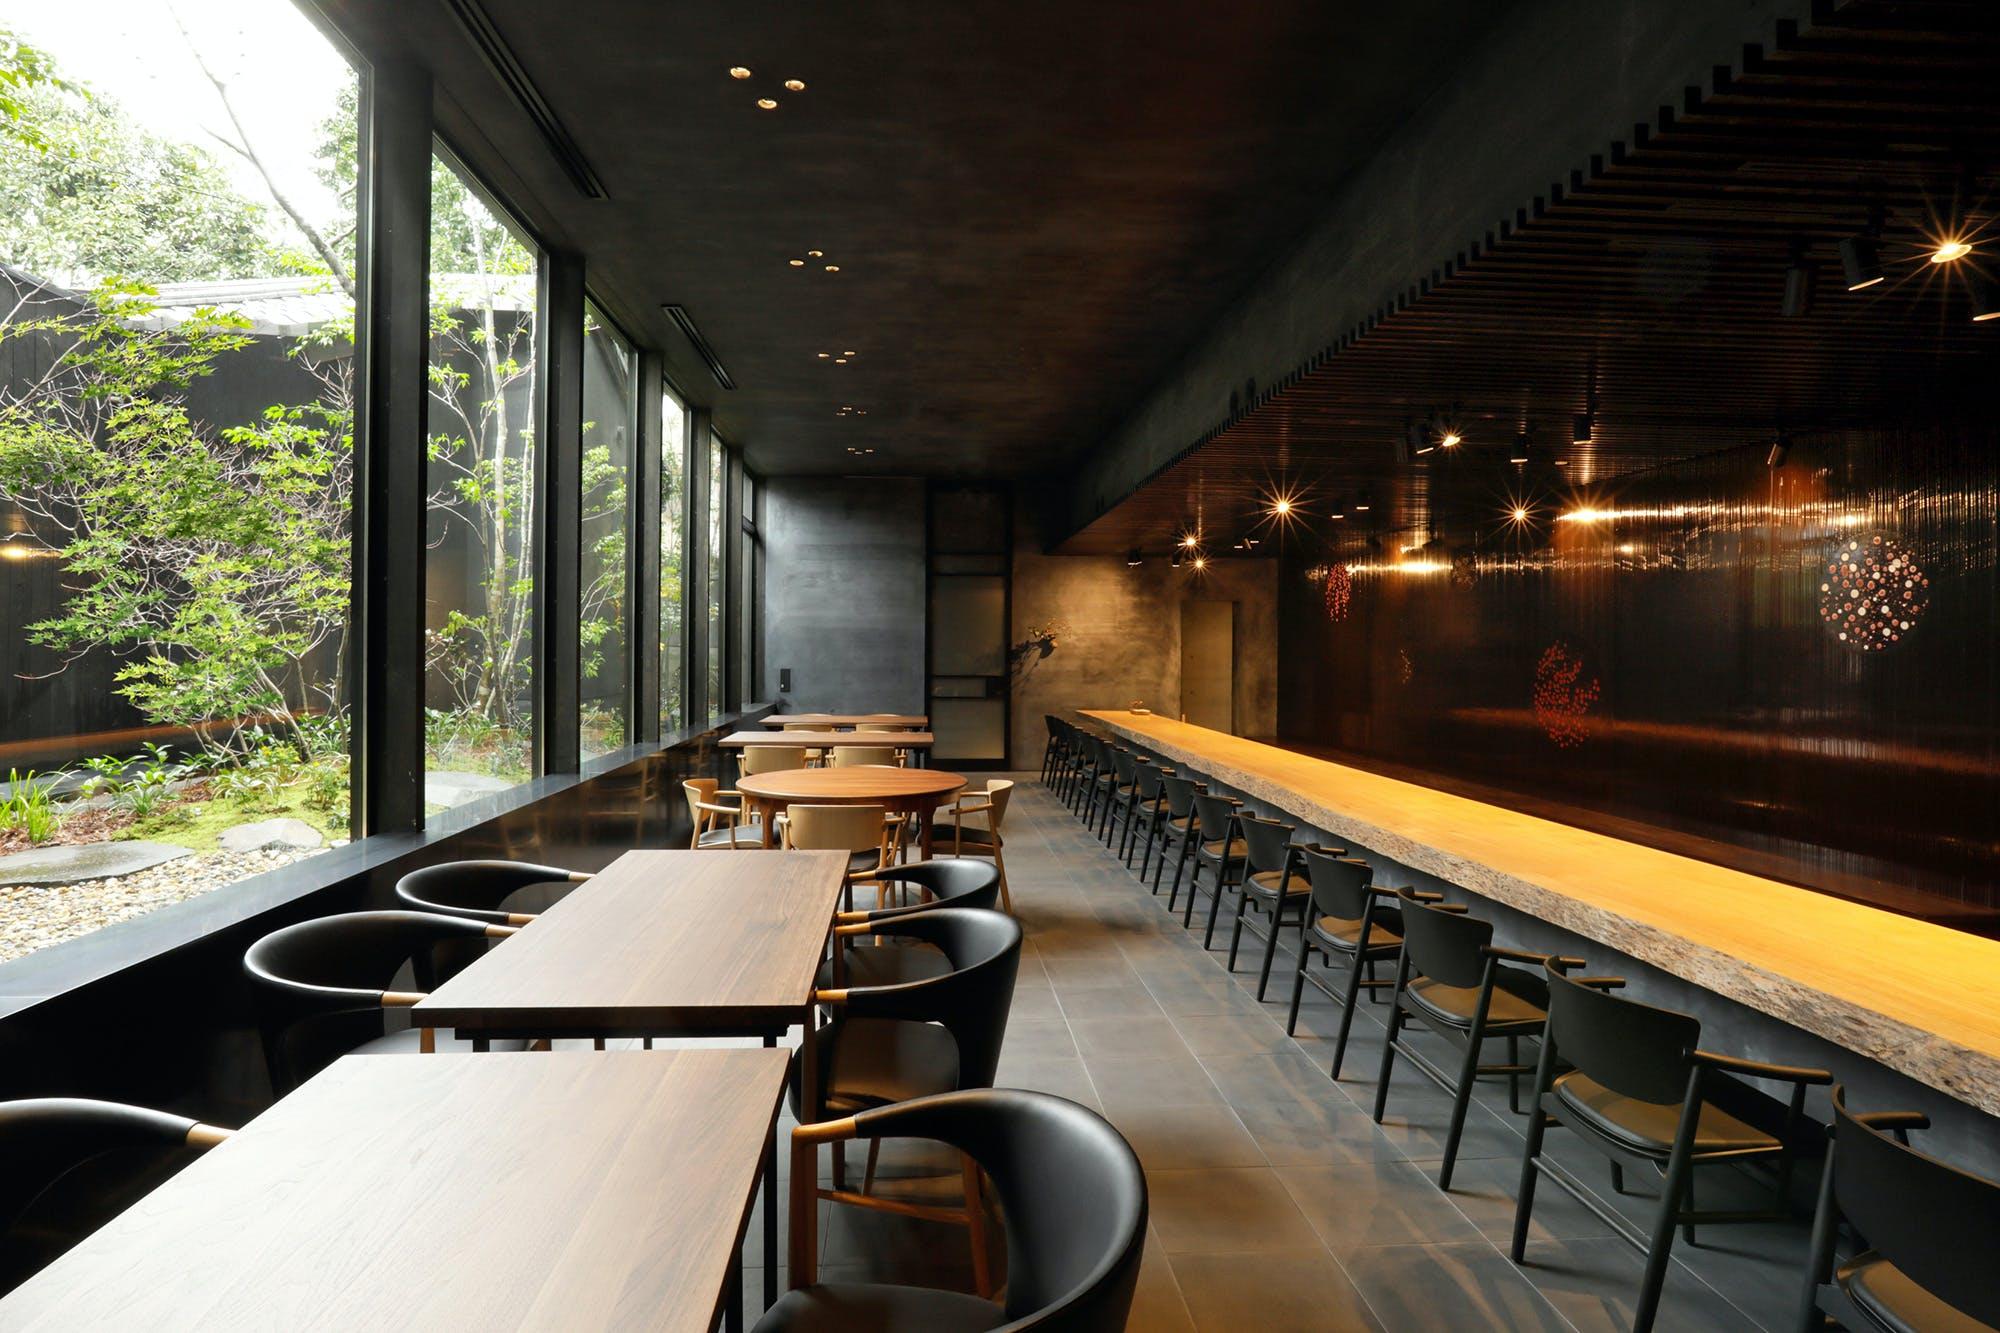 ラ・ボンバンス祇園/Luxury hotel SOWAKA